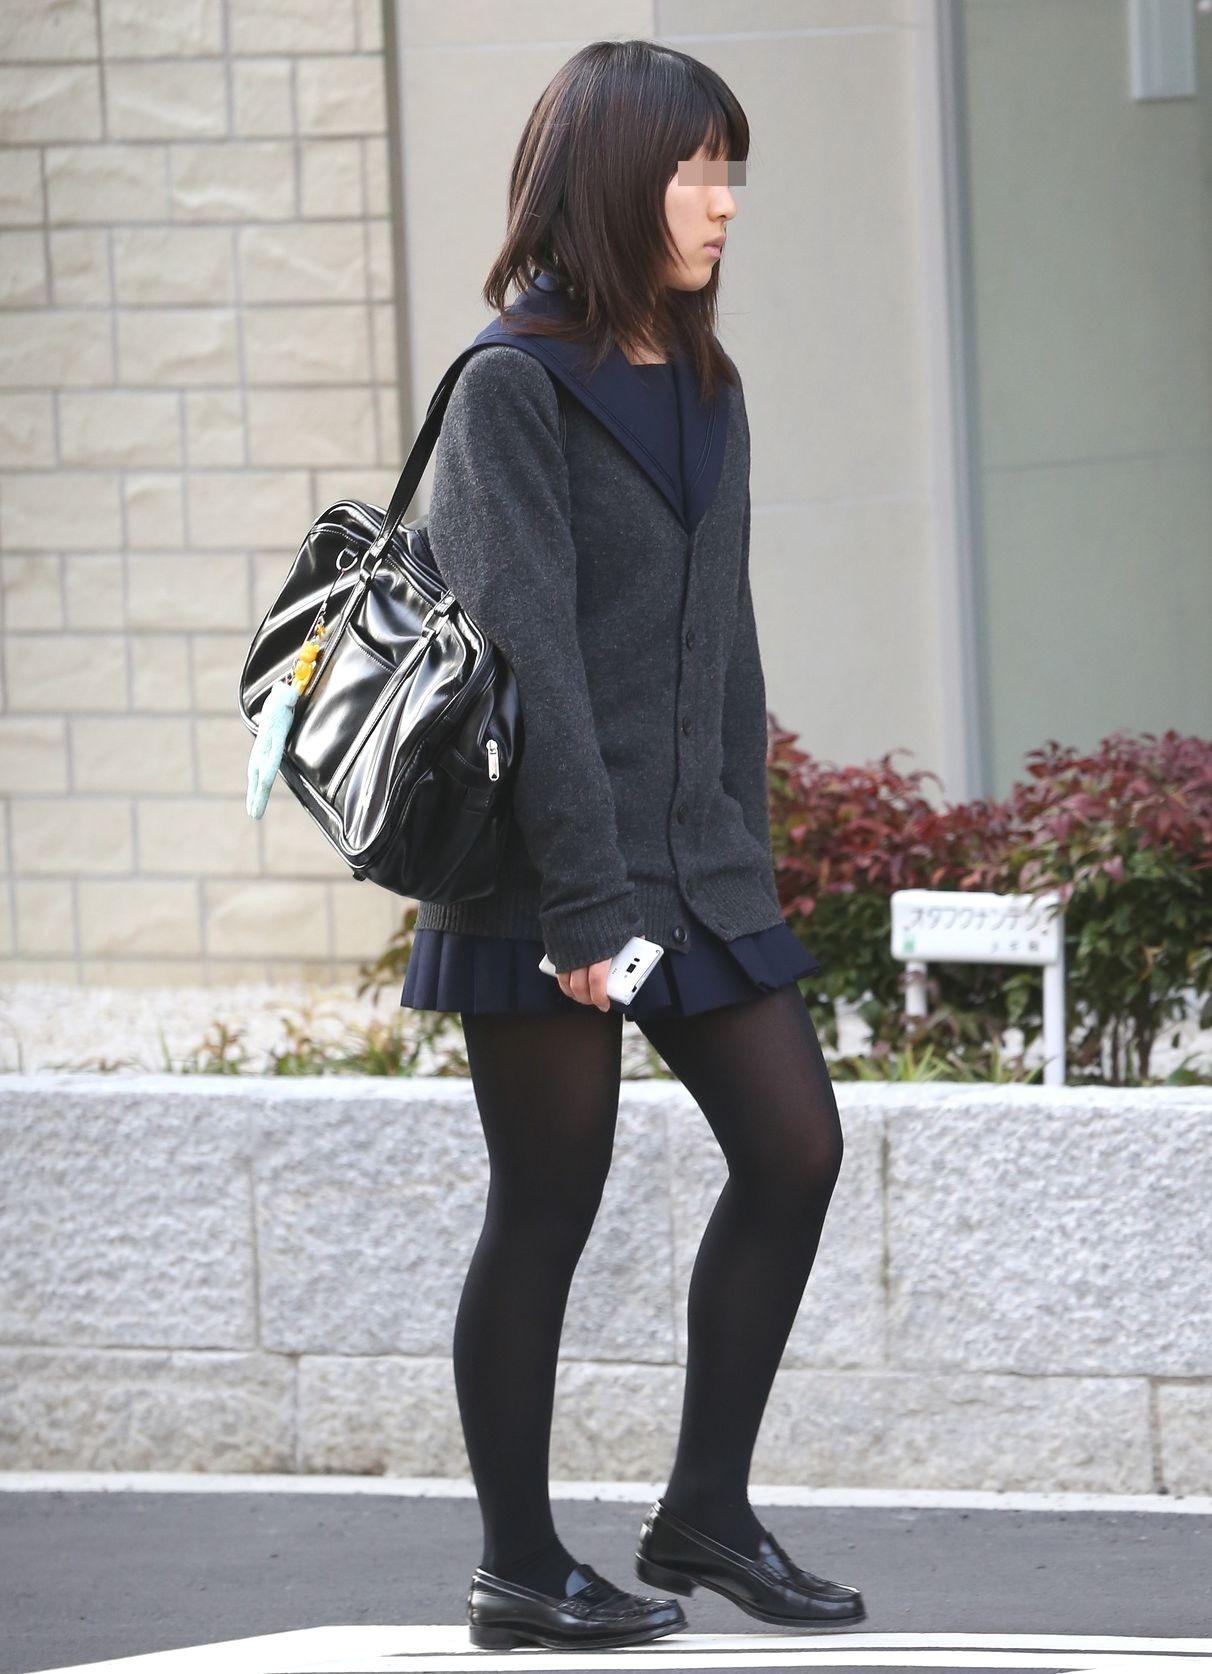 【街撮りJK画像】寒いので黒ストで包まれたJKムチムチ美脚で暖を取るwww 17